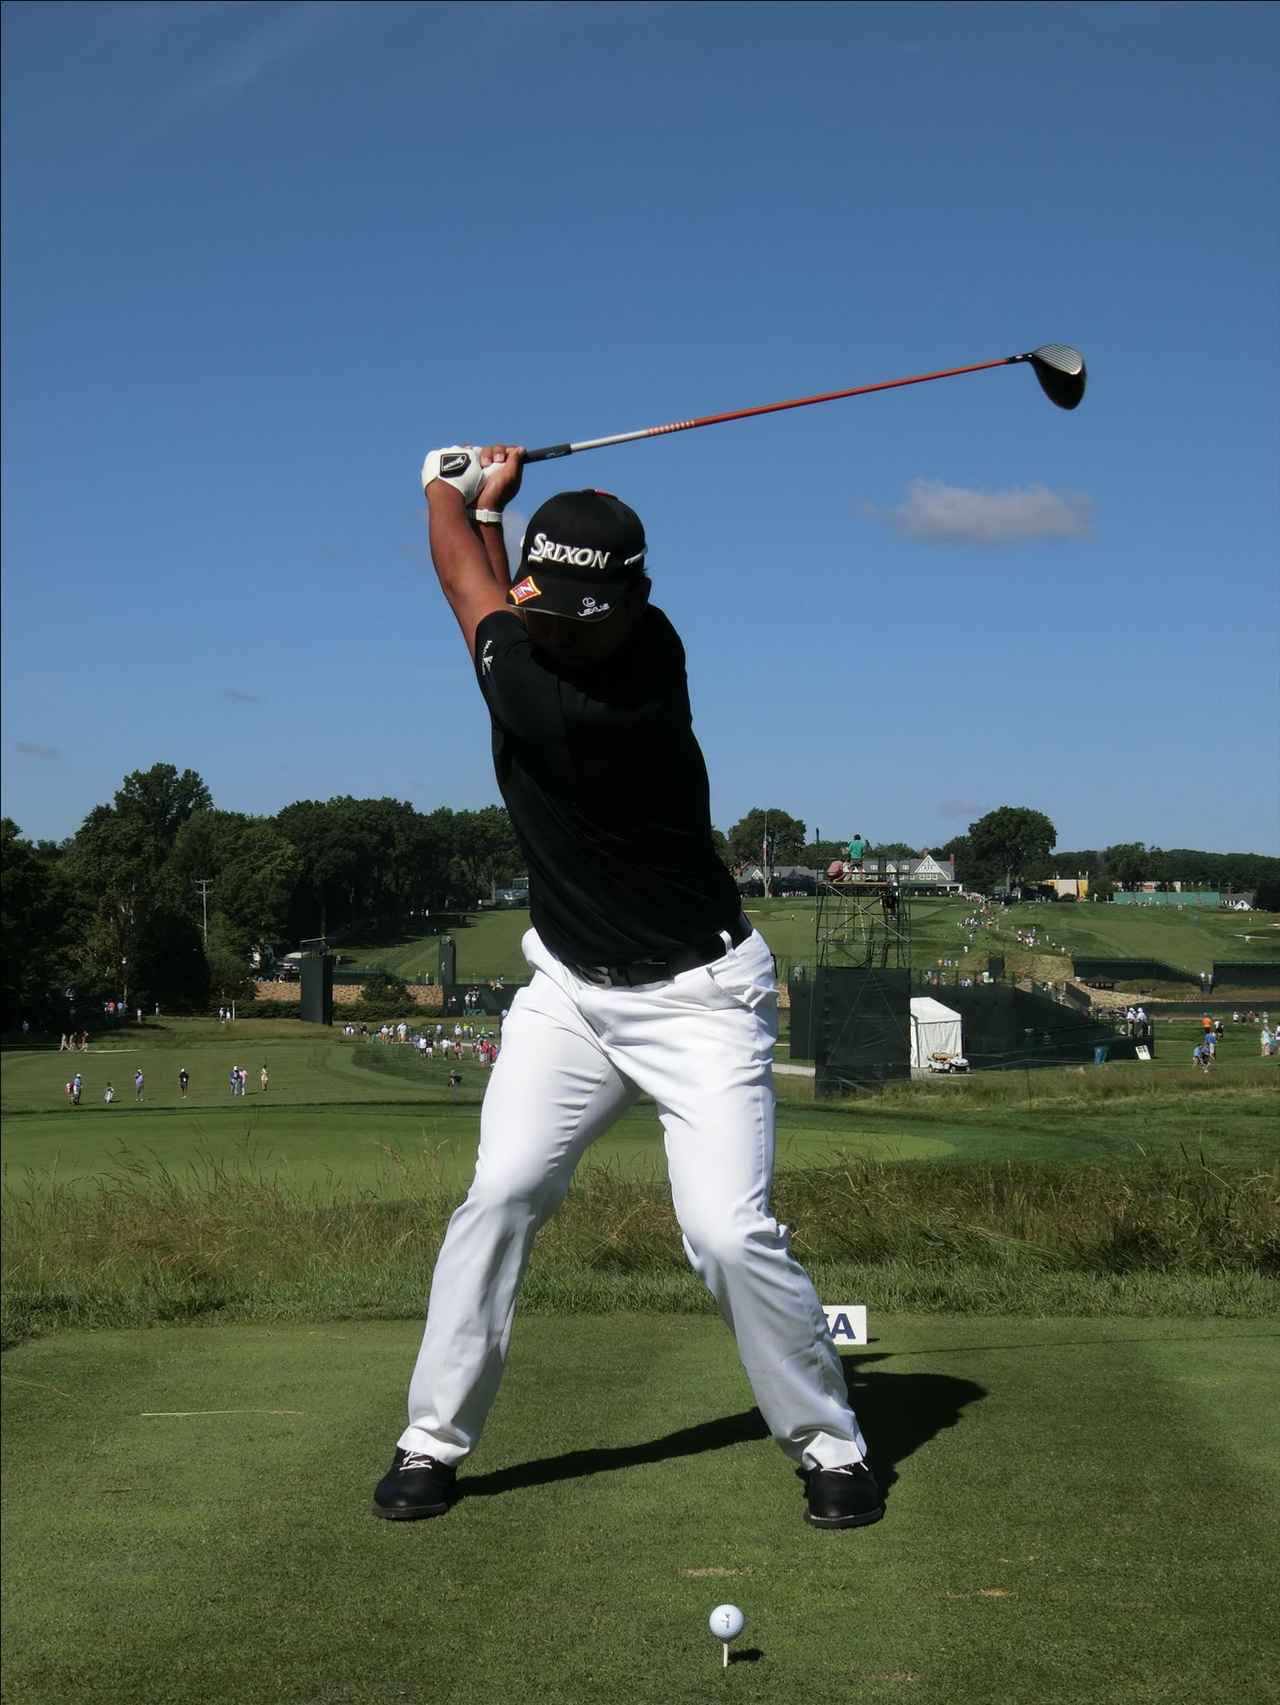 画像5: PGAの主役を小平智がスウィング解説「松山英樹のトップがイチ押し」